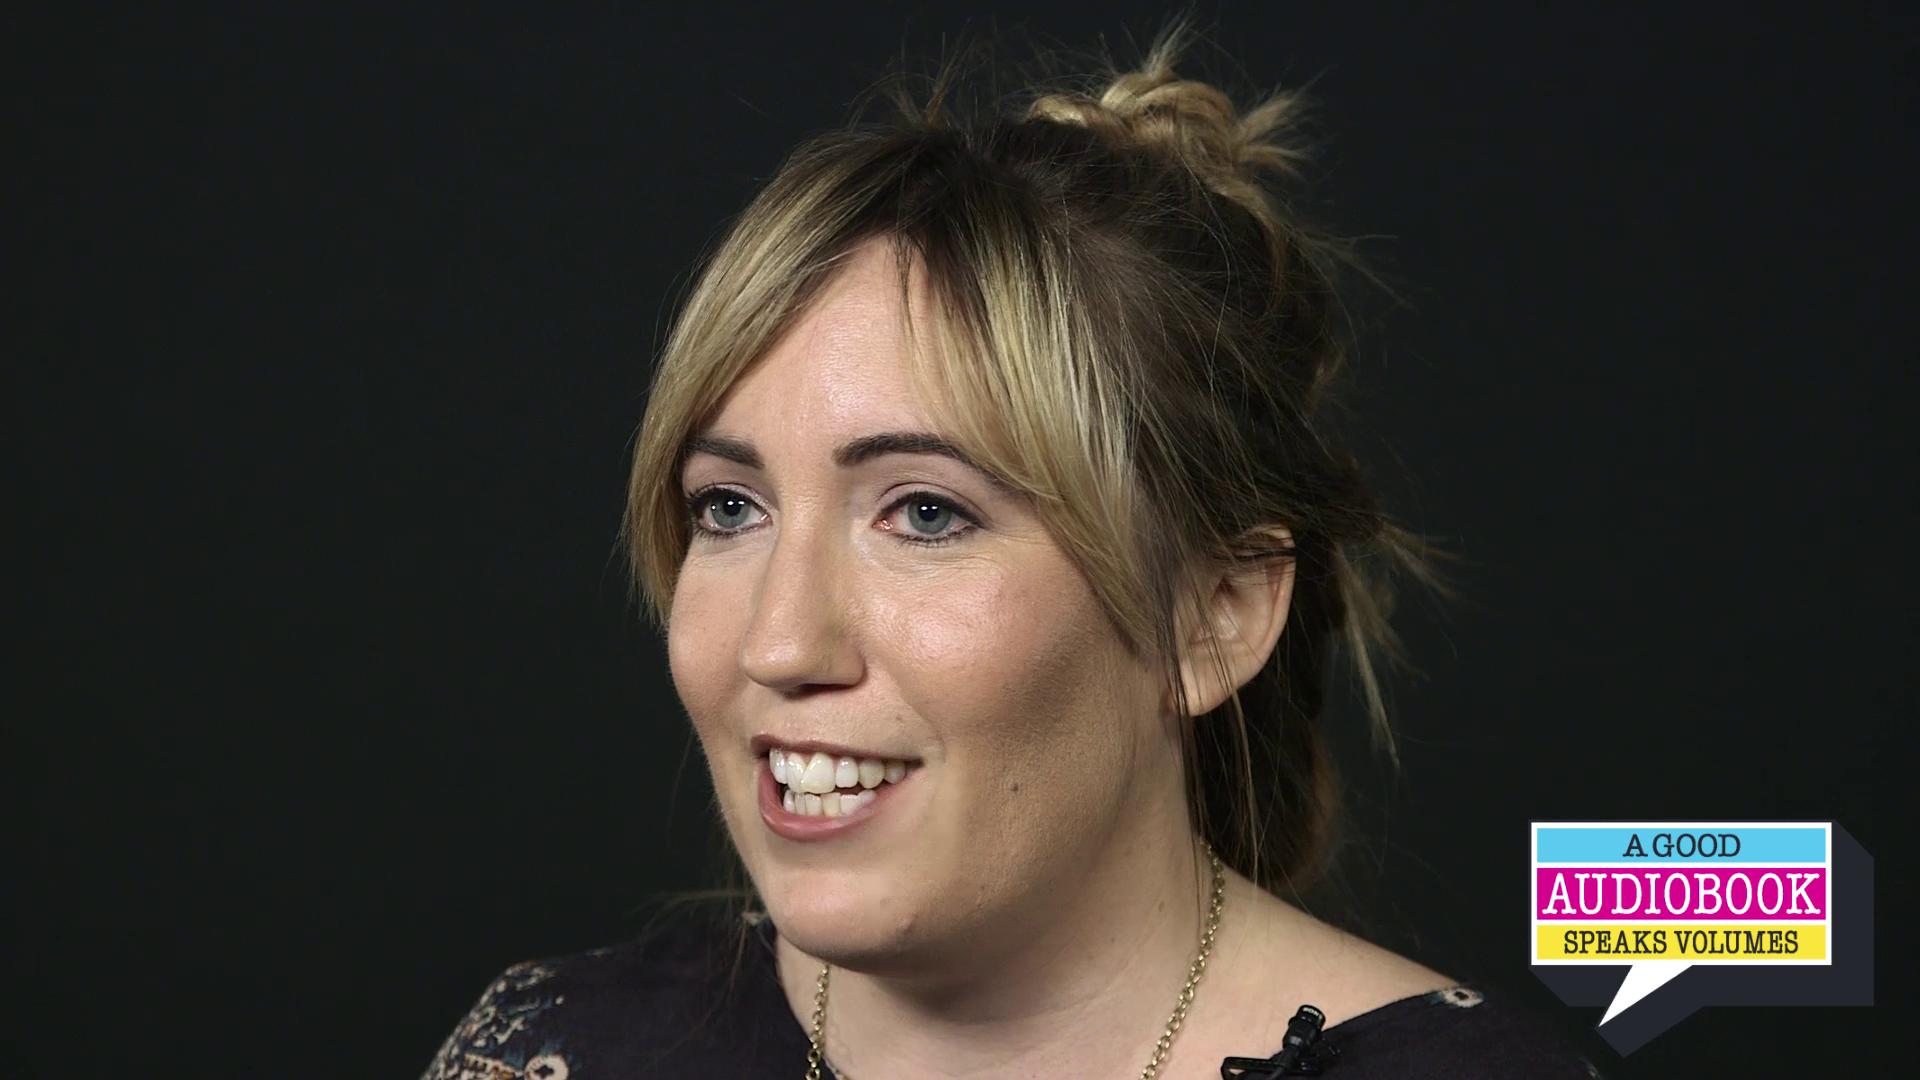 Caroline Kepnes tells us why she loves audiobooks